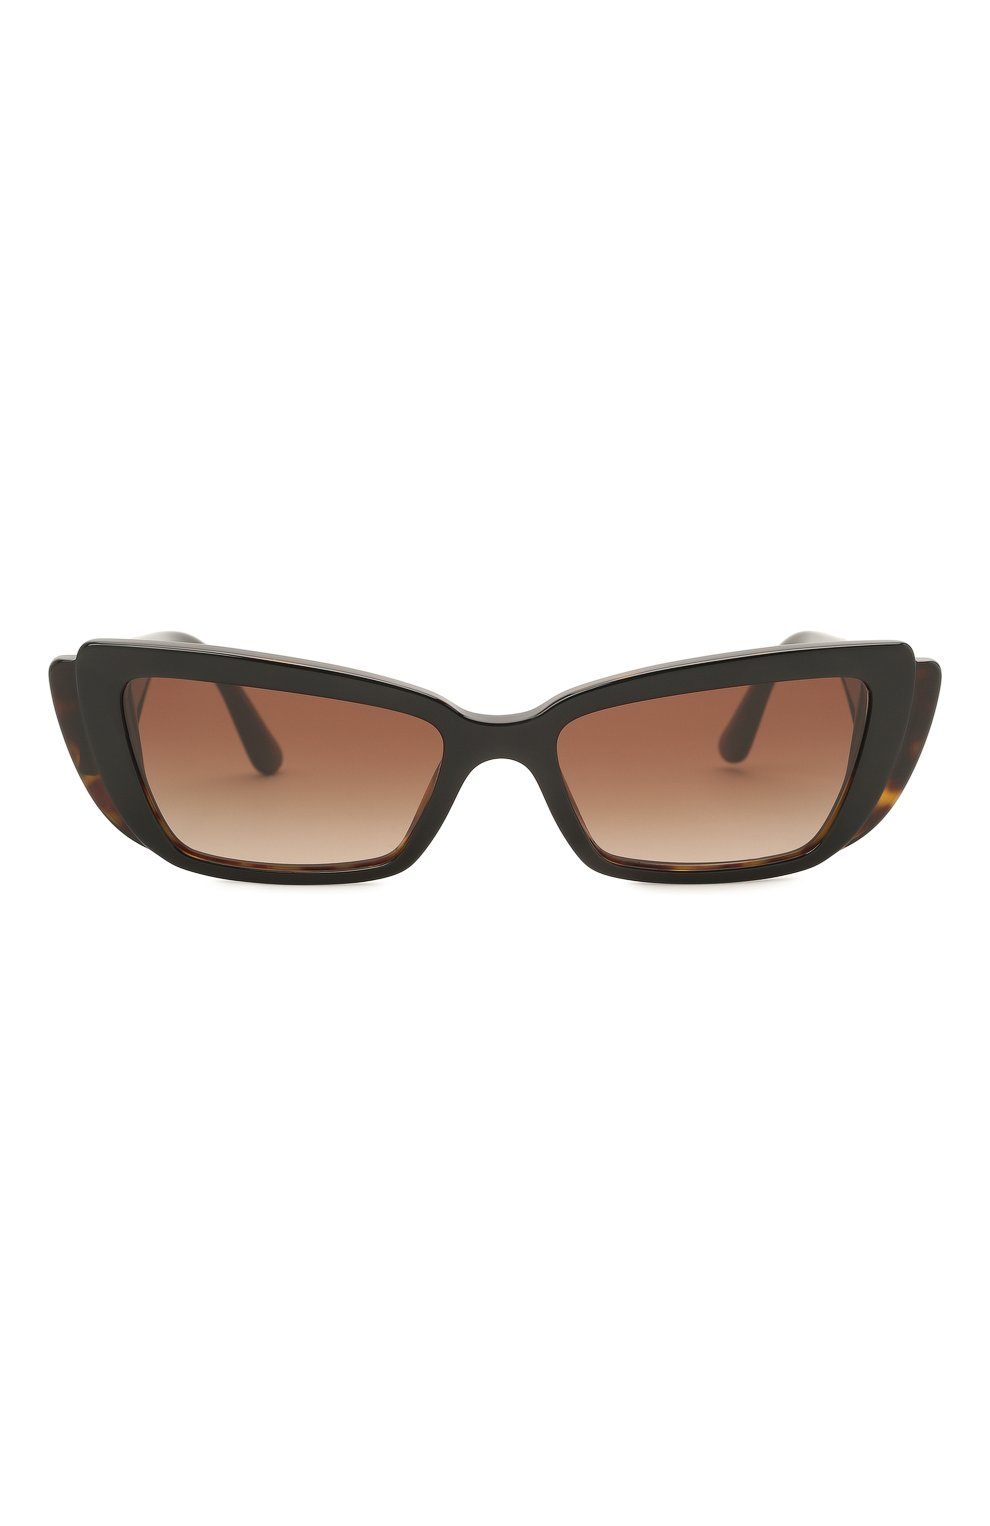 Женские солнцезащитные очки DOLCE & GABBANA коричневого цвета, арт. 4382-327013 | Фото 3